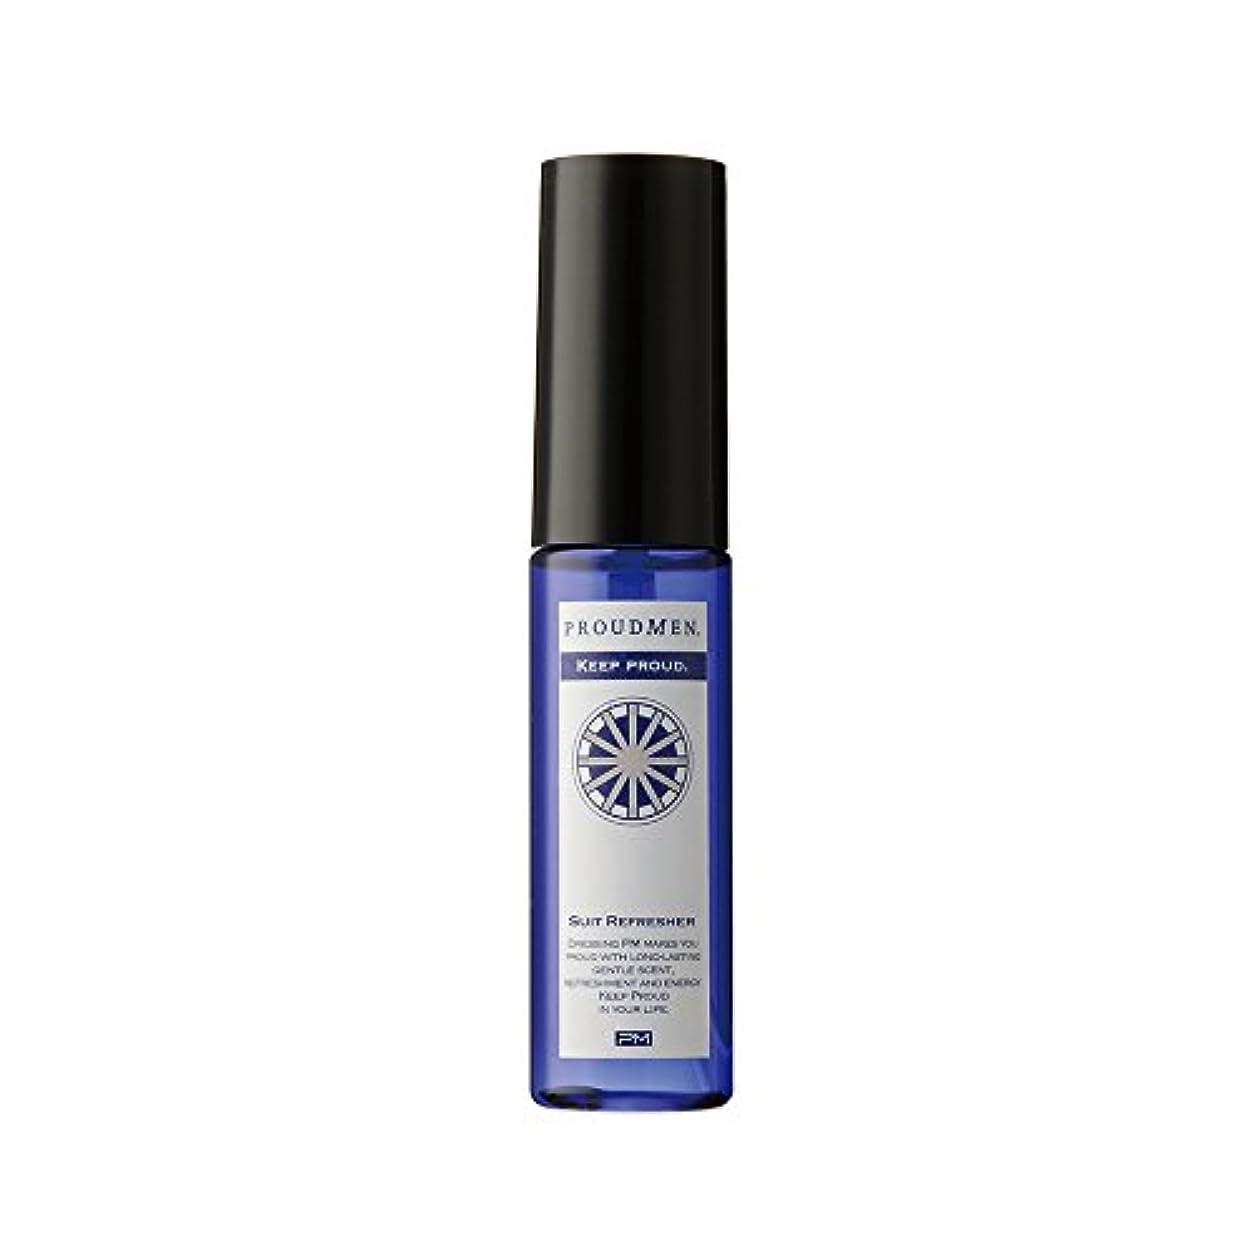 デッドロック呼吸細いプラウドメン スーツリフレッシャー ミニ 携帯用 15ml (グルーミング?シトラスの香り) ファブリックスプレー